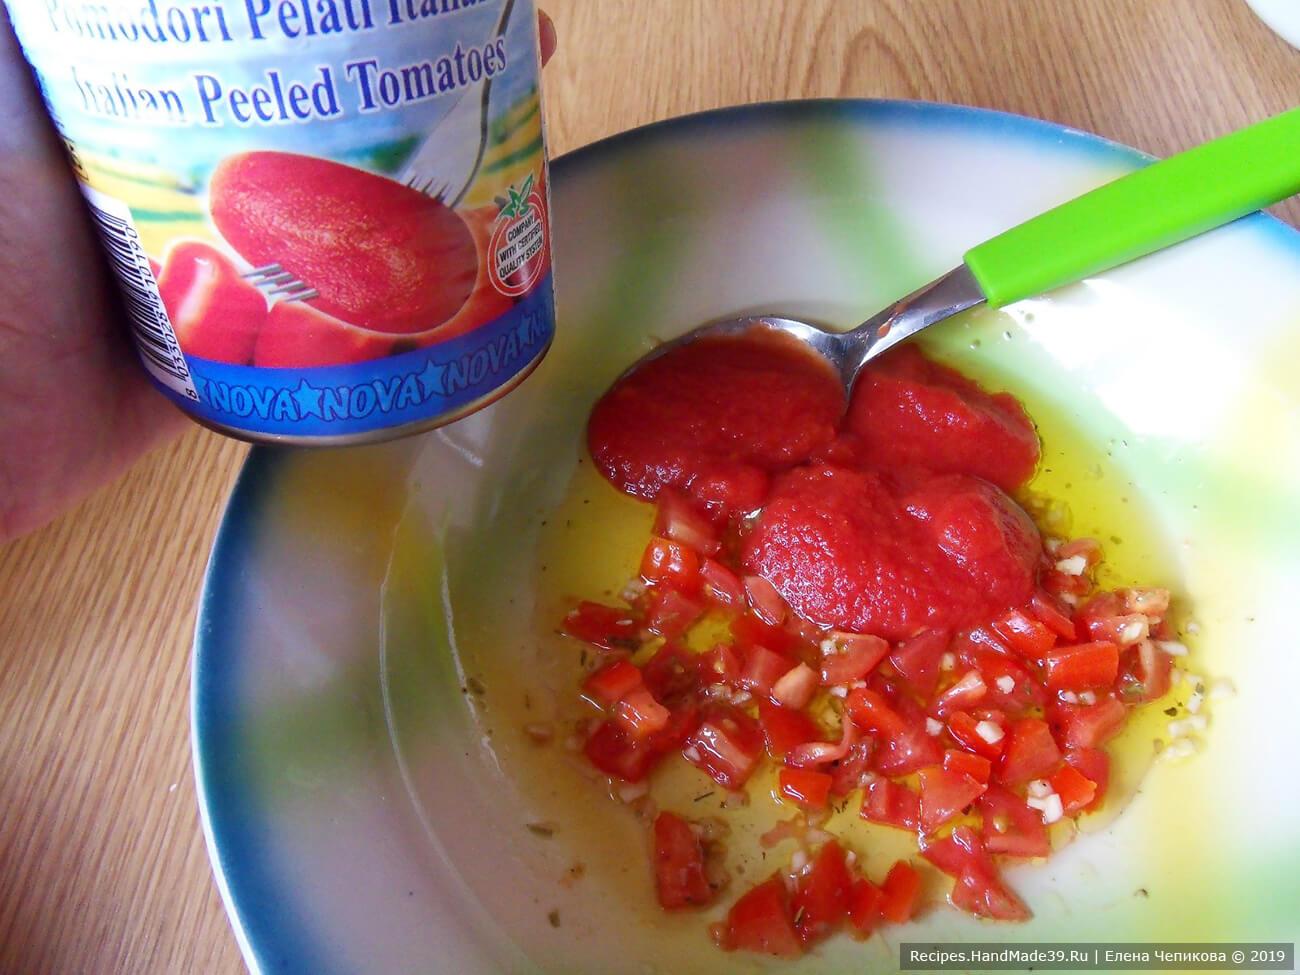 Добавить 3 столовые ложки соуса от томатов в собственном соку